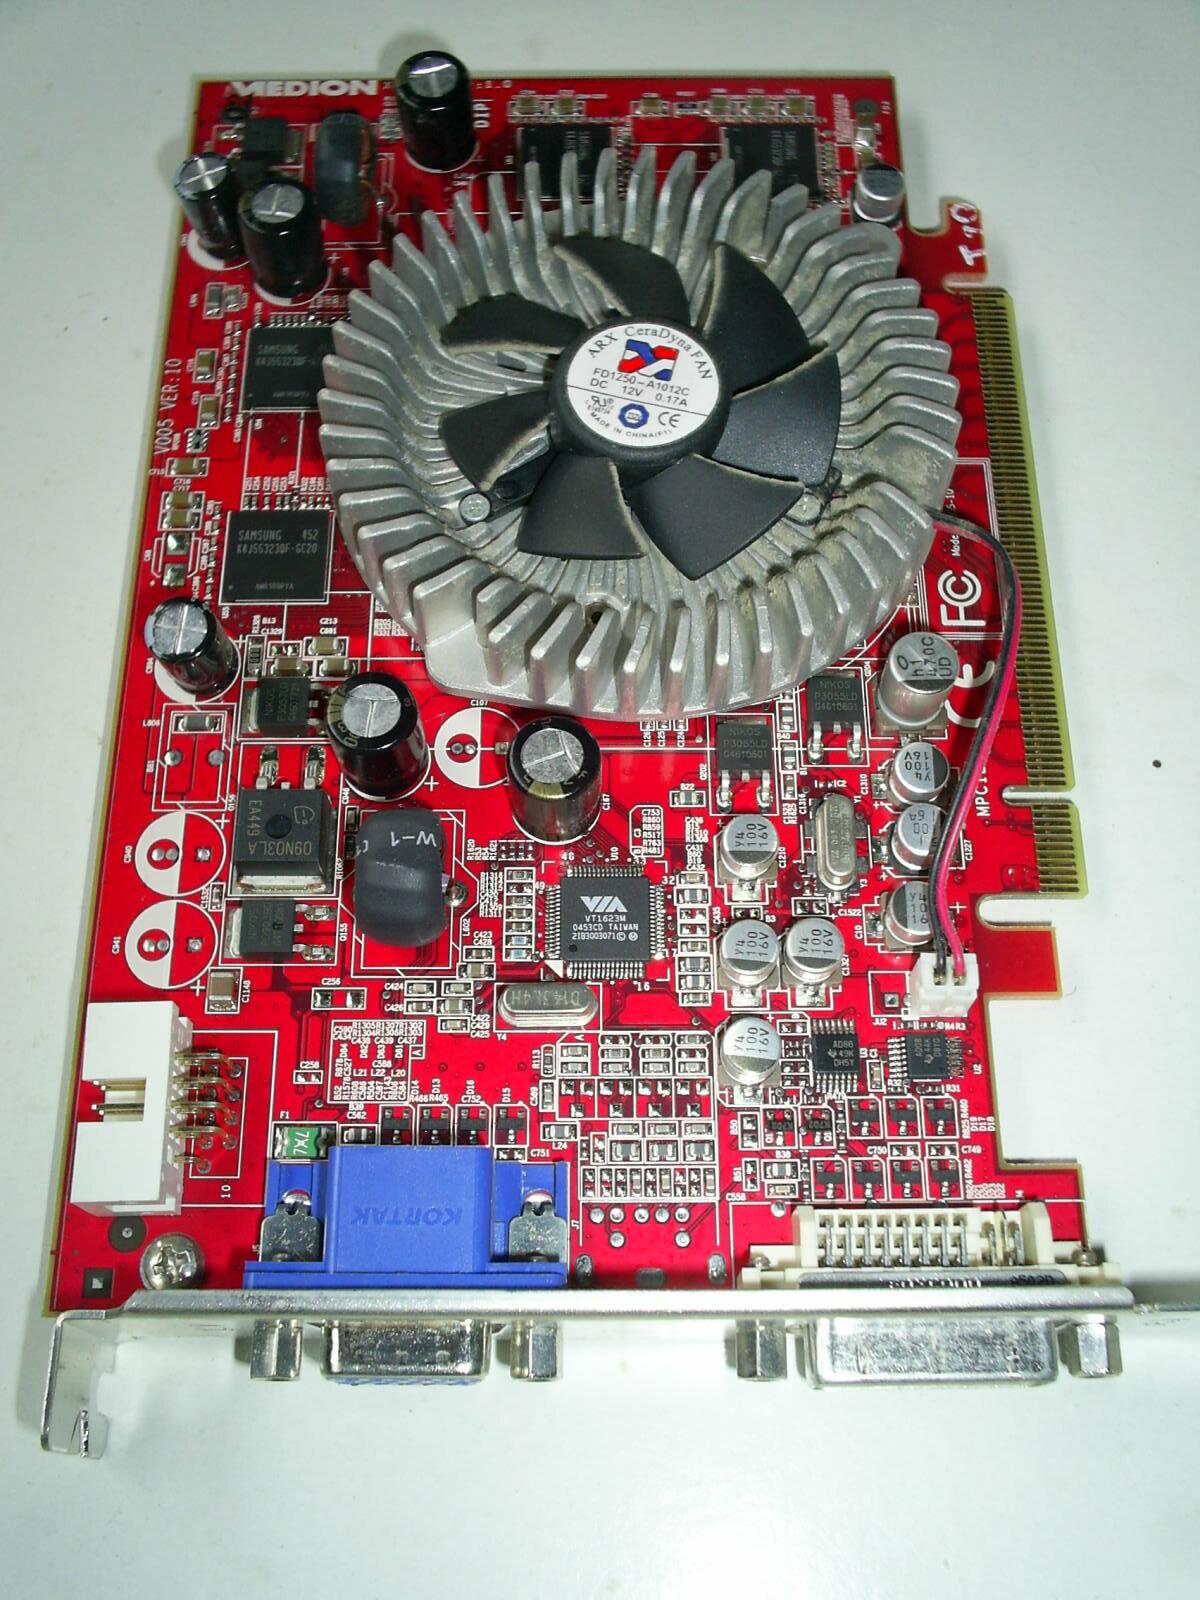 MEDION ATI RADEON X 740 XL GRAFIKKARTE PCI-Express 128 MB VGA  DVI - TOP